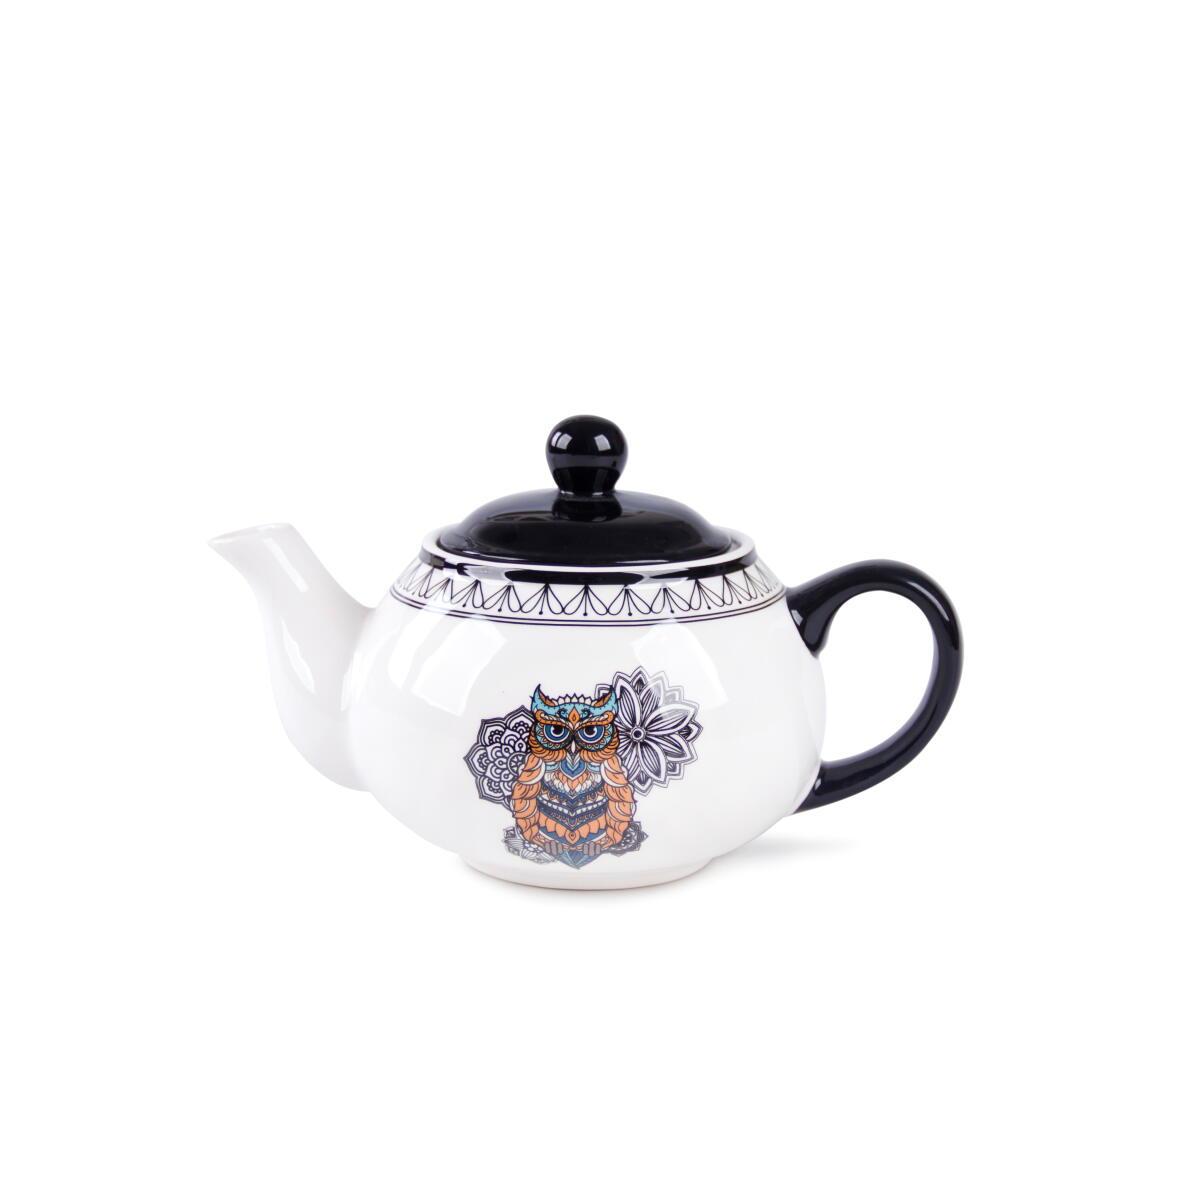 Фото - Заварочный чайник GIPFEL CIVETTA 3962 800 мл заварочный чайник gipfel limoncello 42245